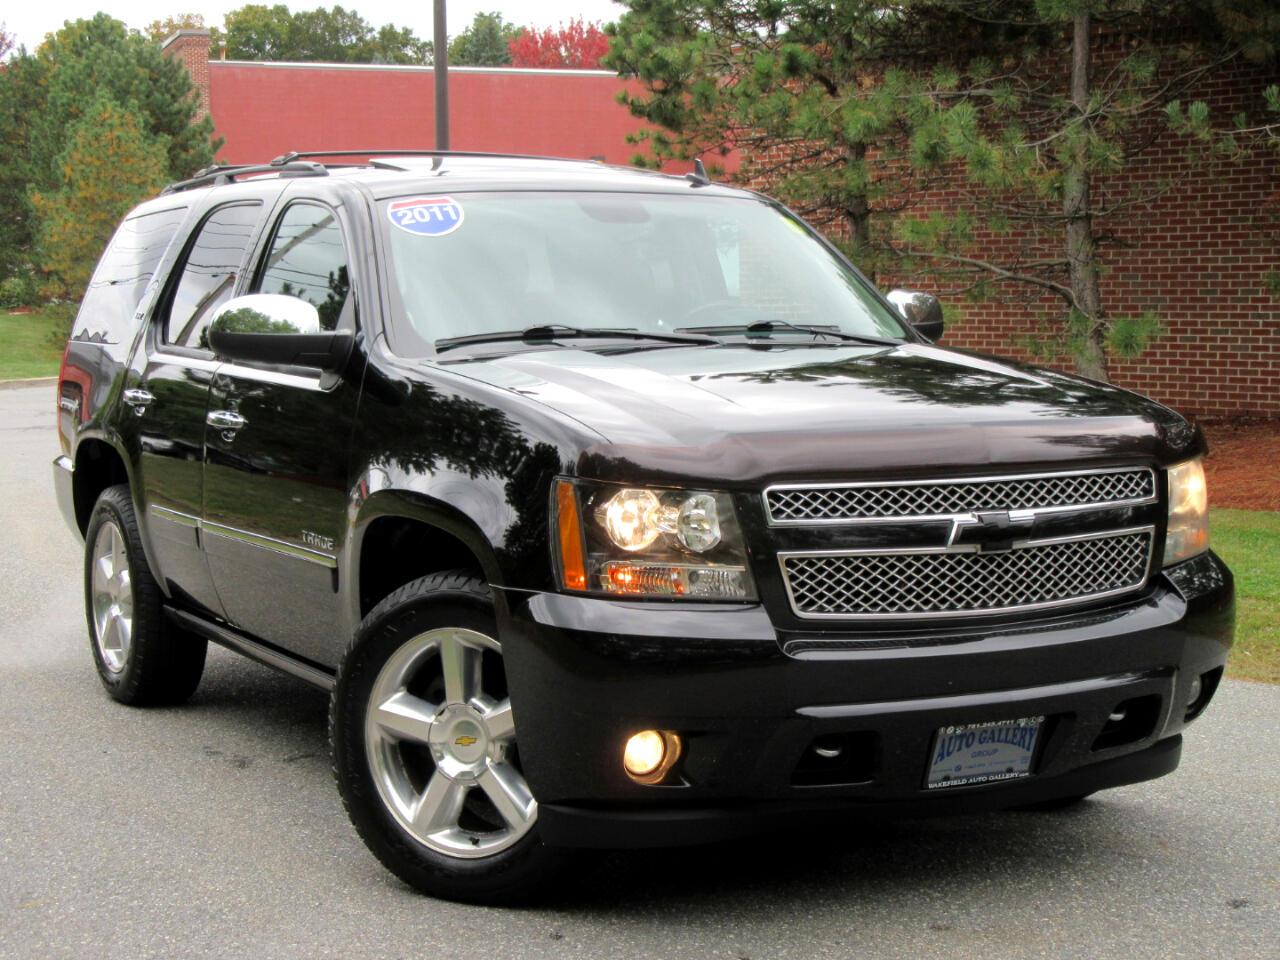 2011 Chevrolet Tahoe 4WD 4dr 1500 LTZ NAVIGATION DVD ENTERTAINMENT